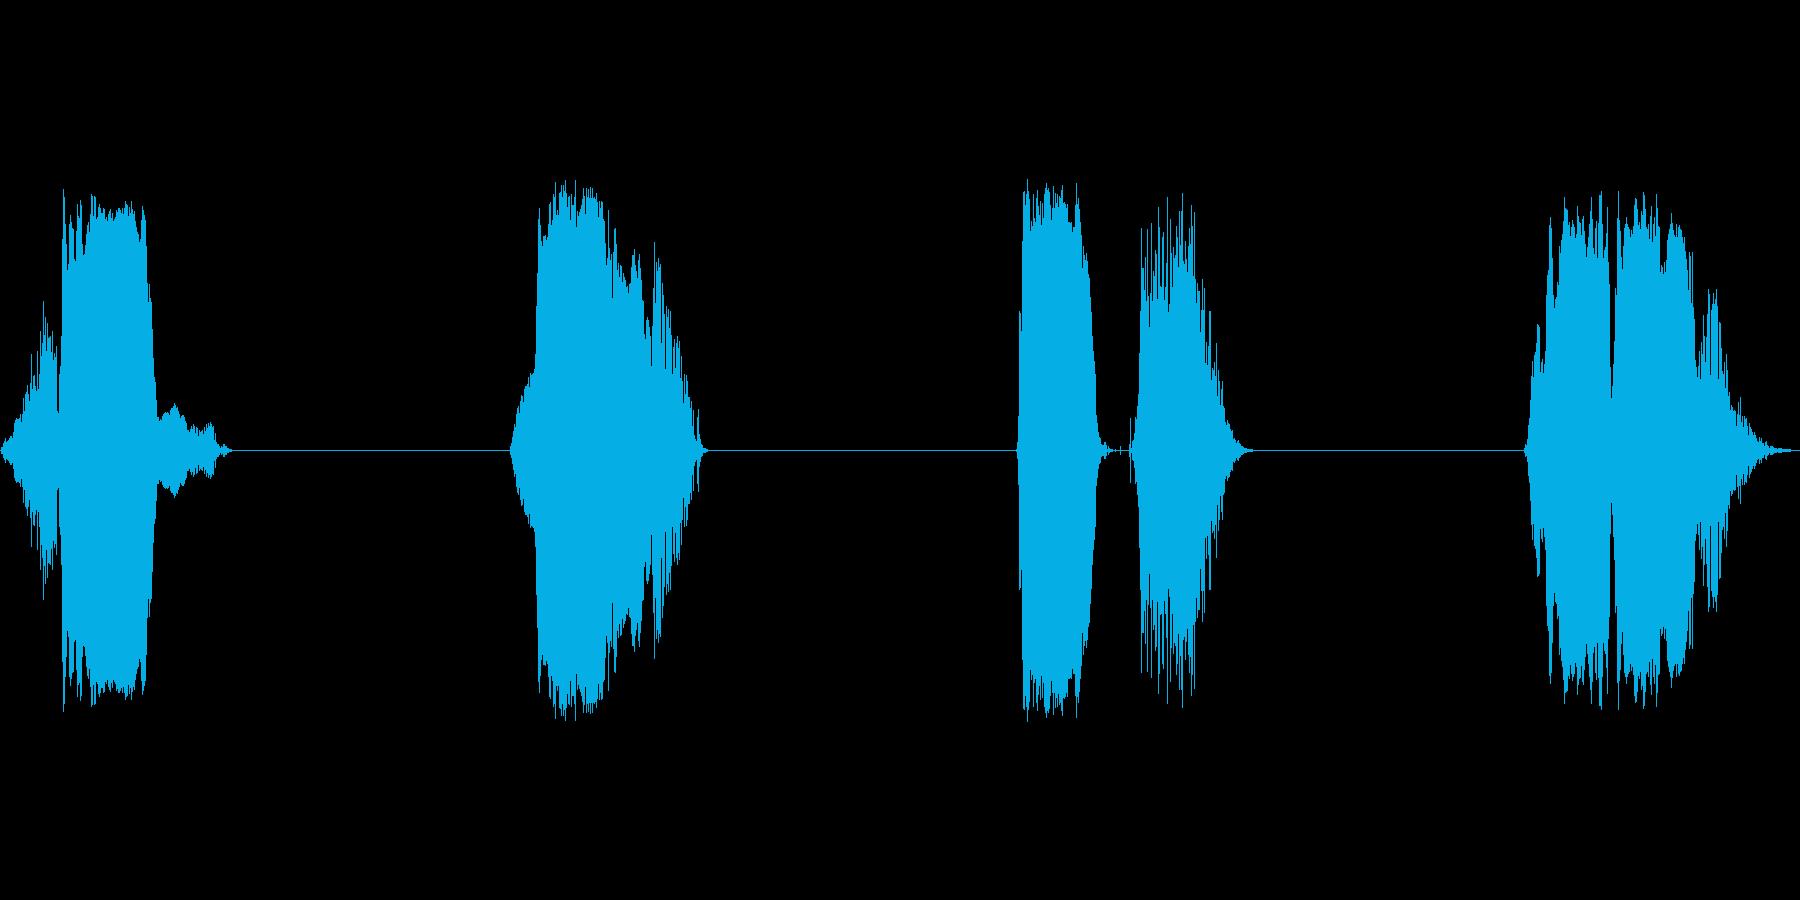 3,2,1,0の再生済みの波形